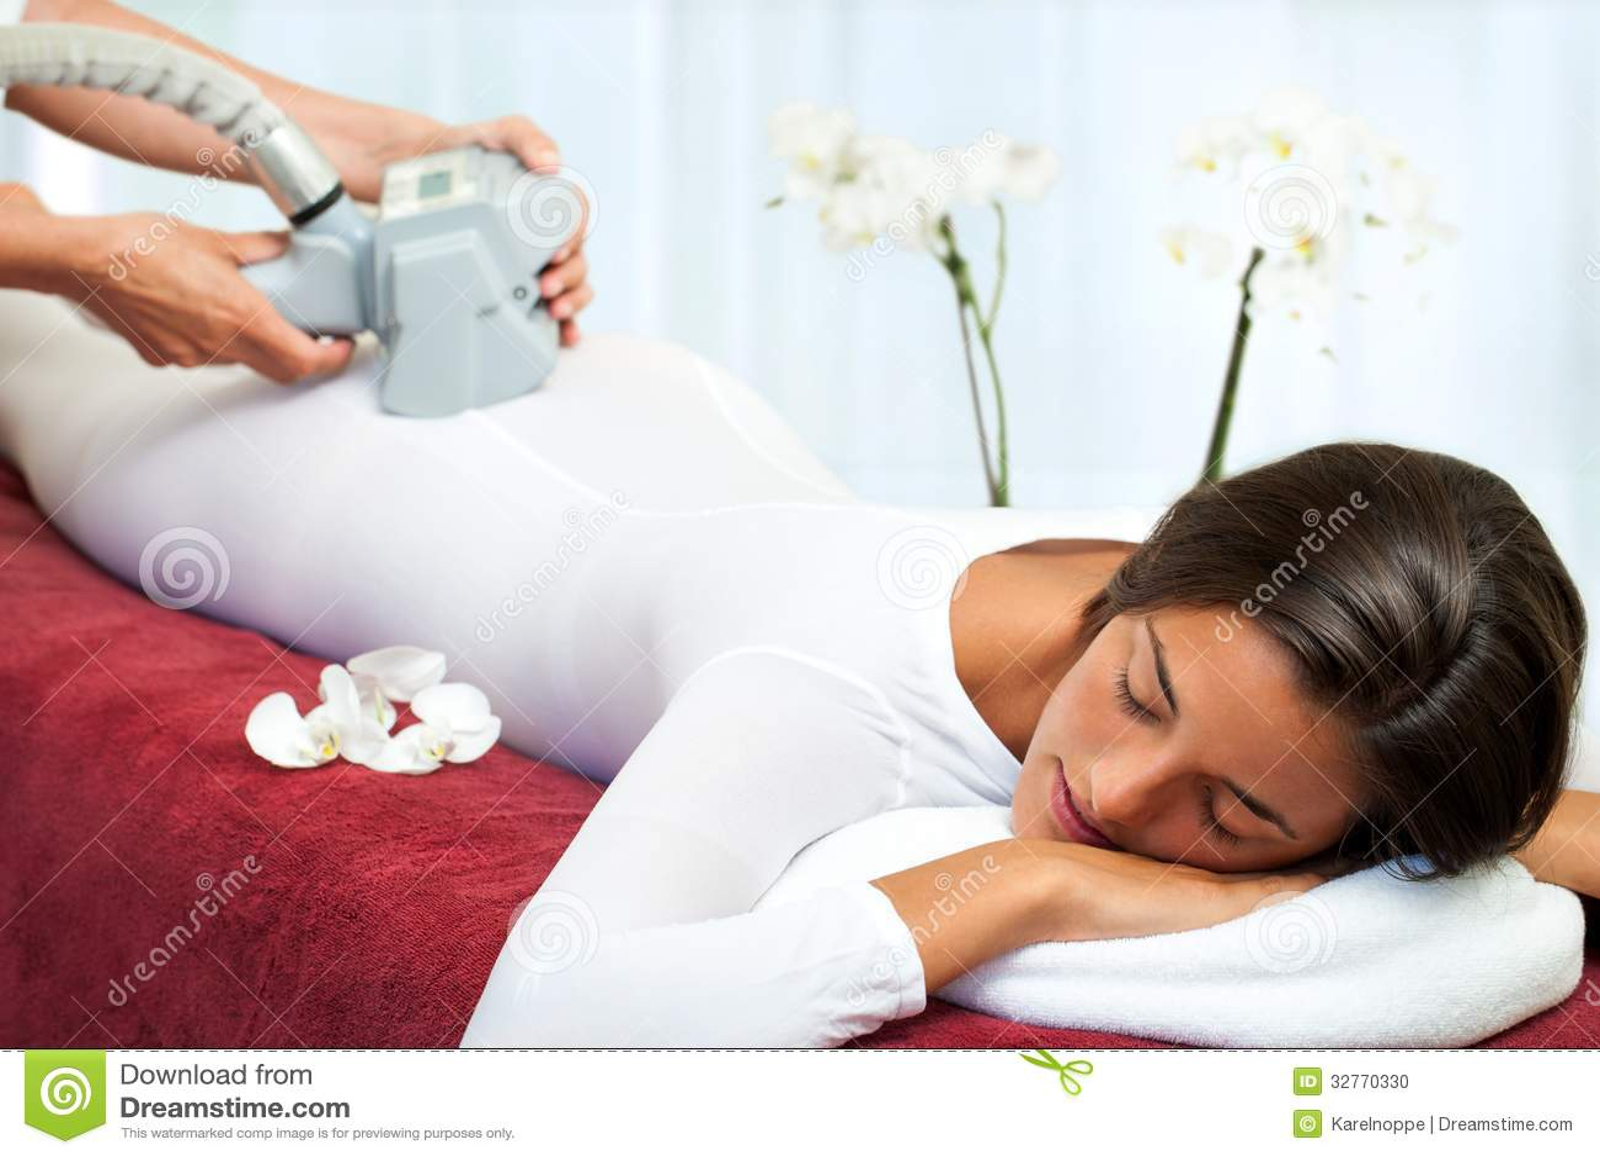 vibromasseur anti cellulite